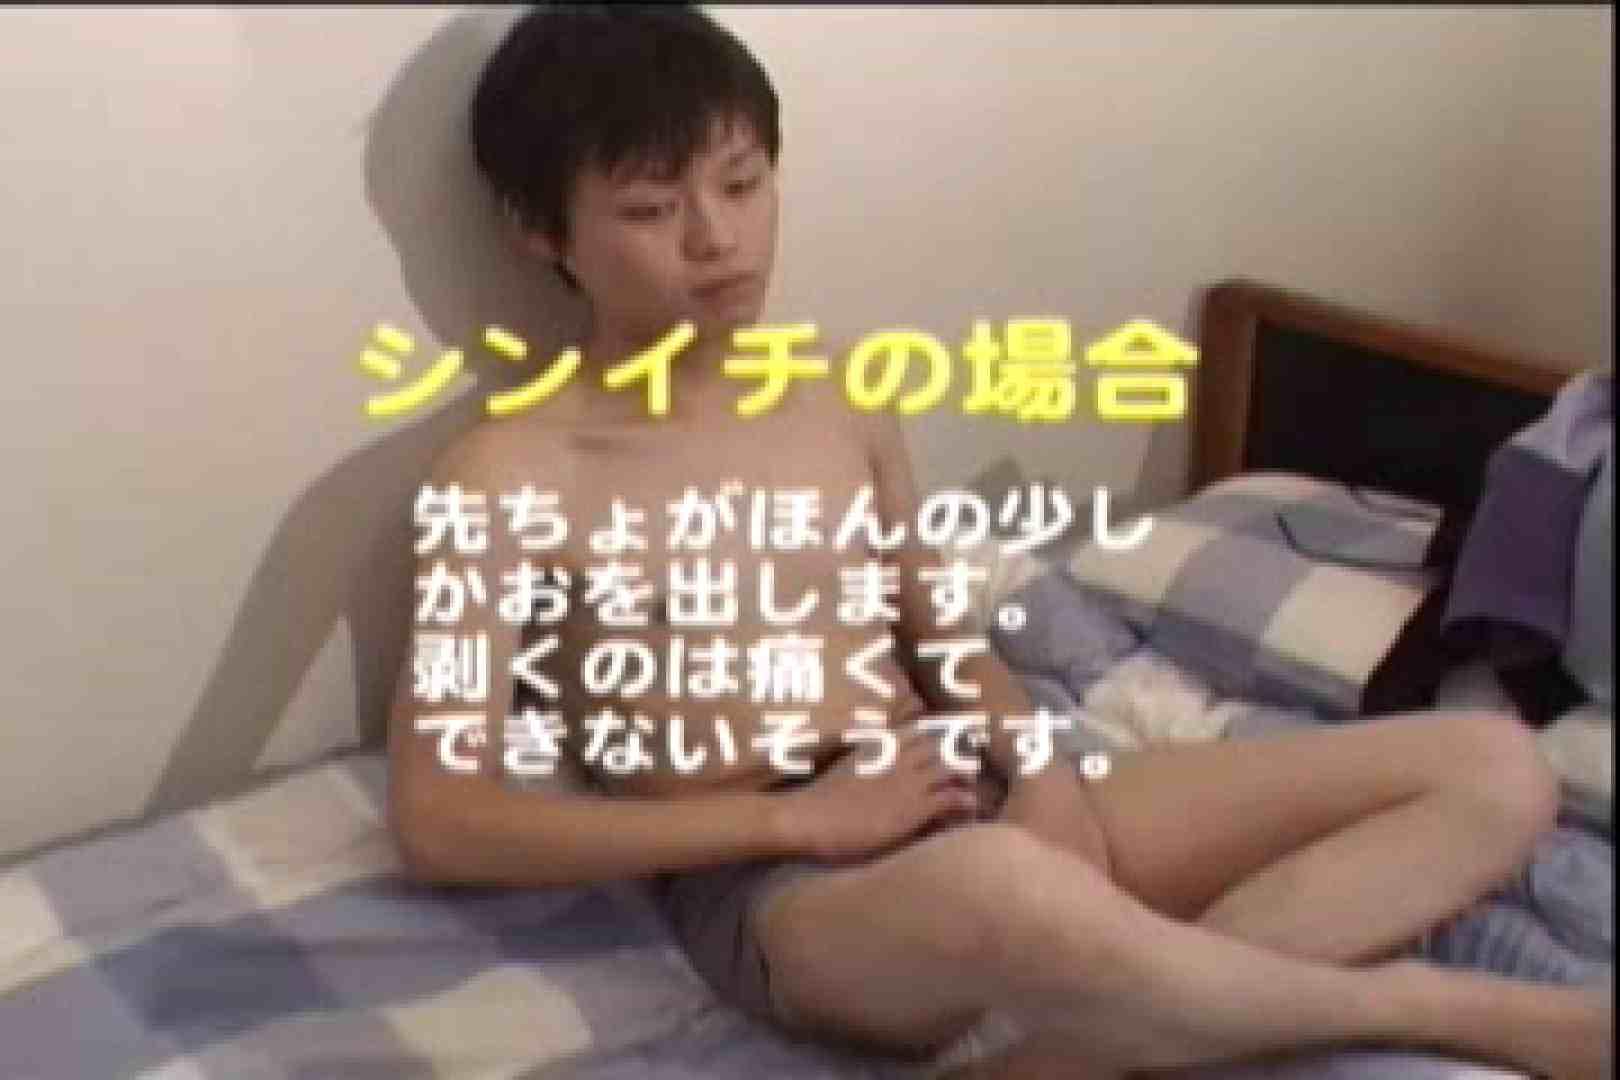 ヤリまくり!!包茎が何だって言うんだ!!vol.01 アナル責め ゲイエロ画像 91枚 5